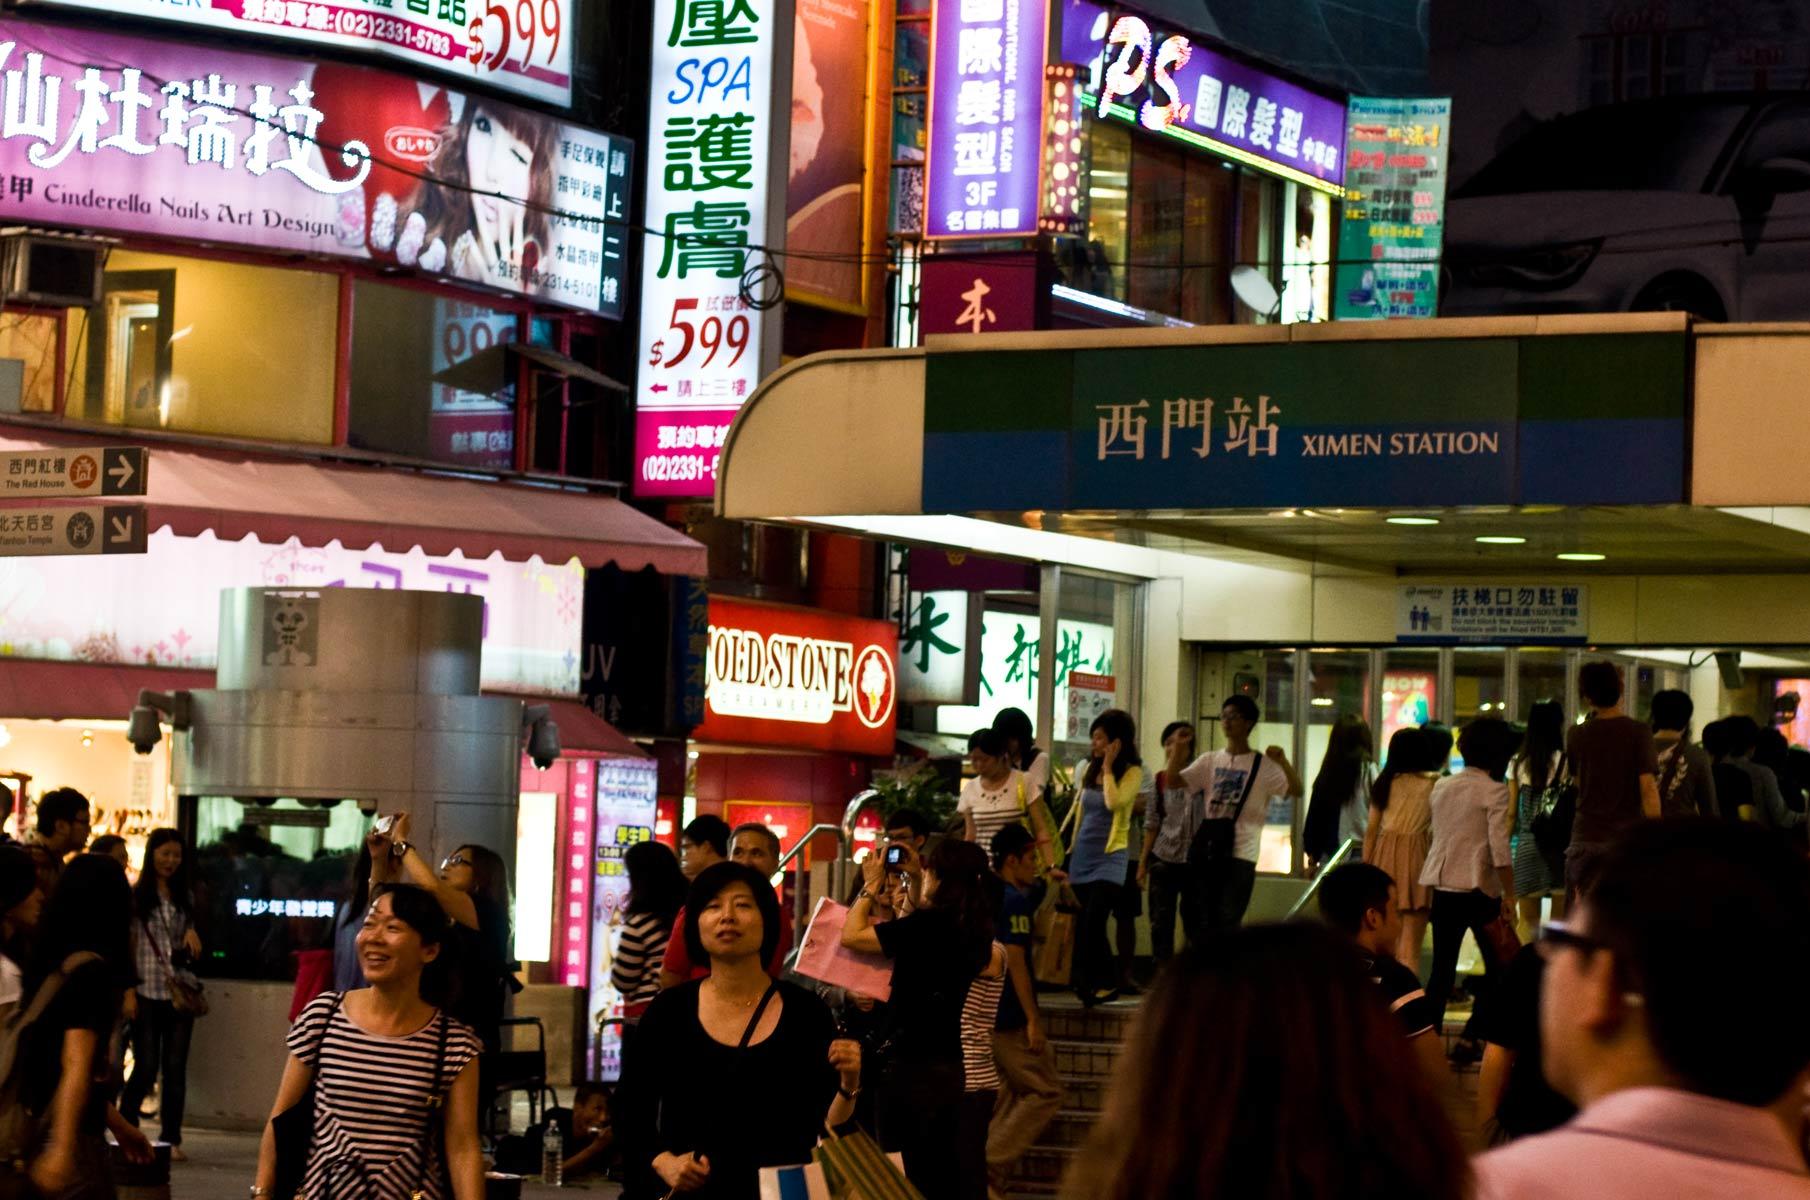 Ximending Nachtleben in Taipei, Taiwan